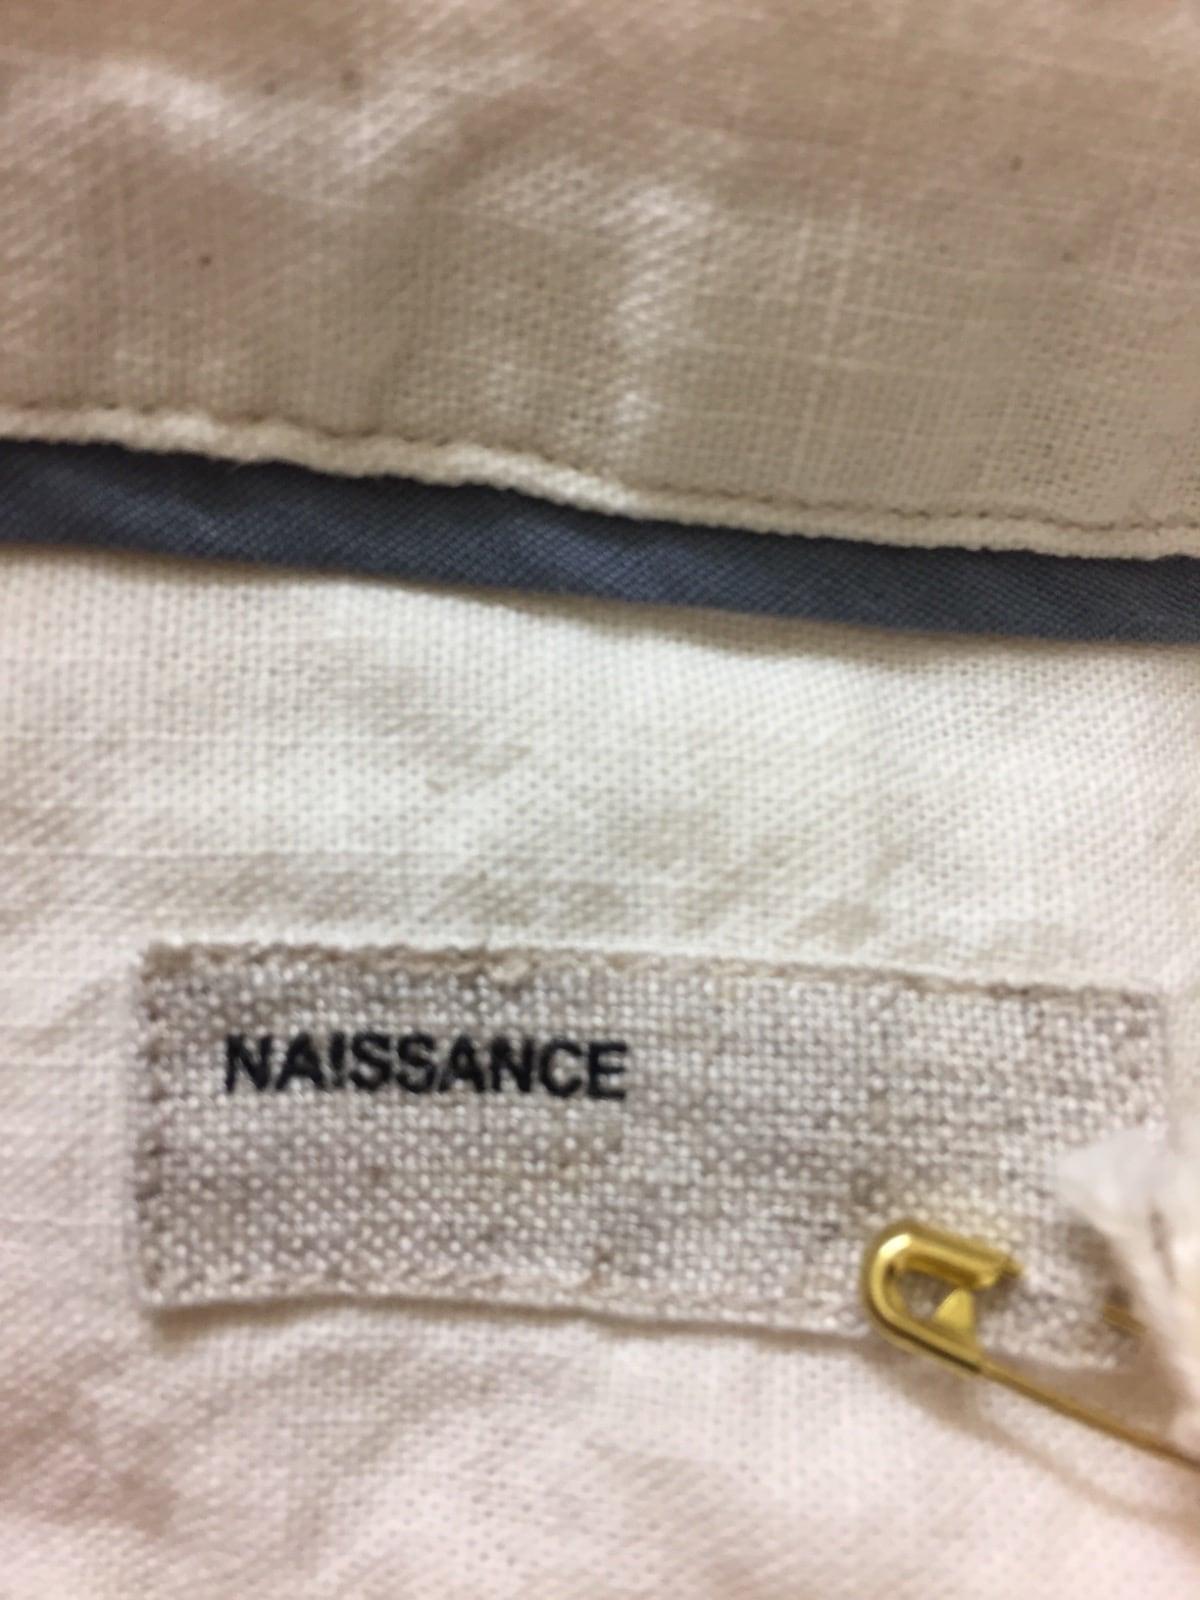 NAISSANCE(ネサーンス)のカットソー